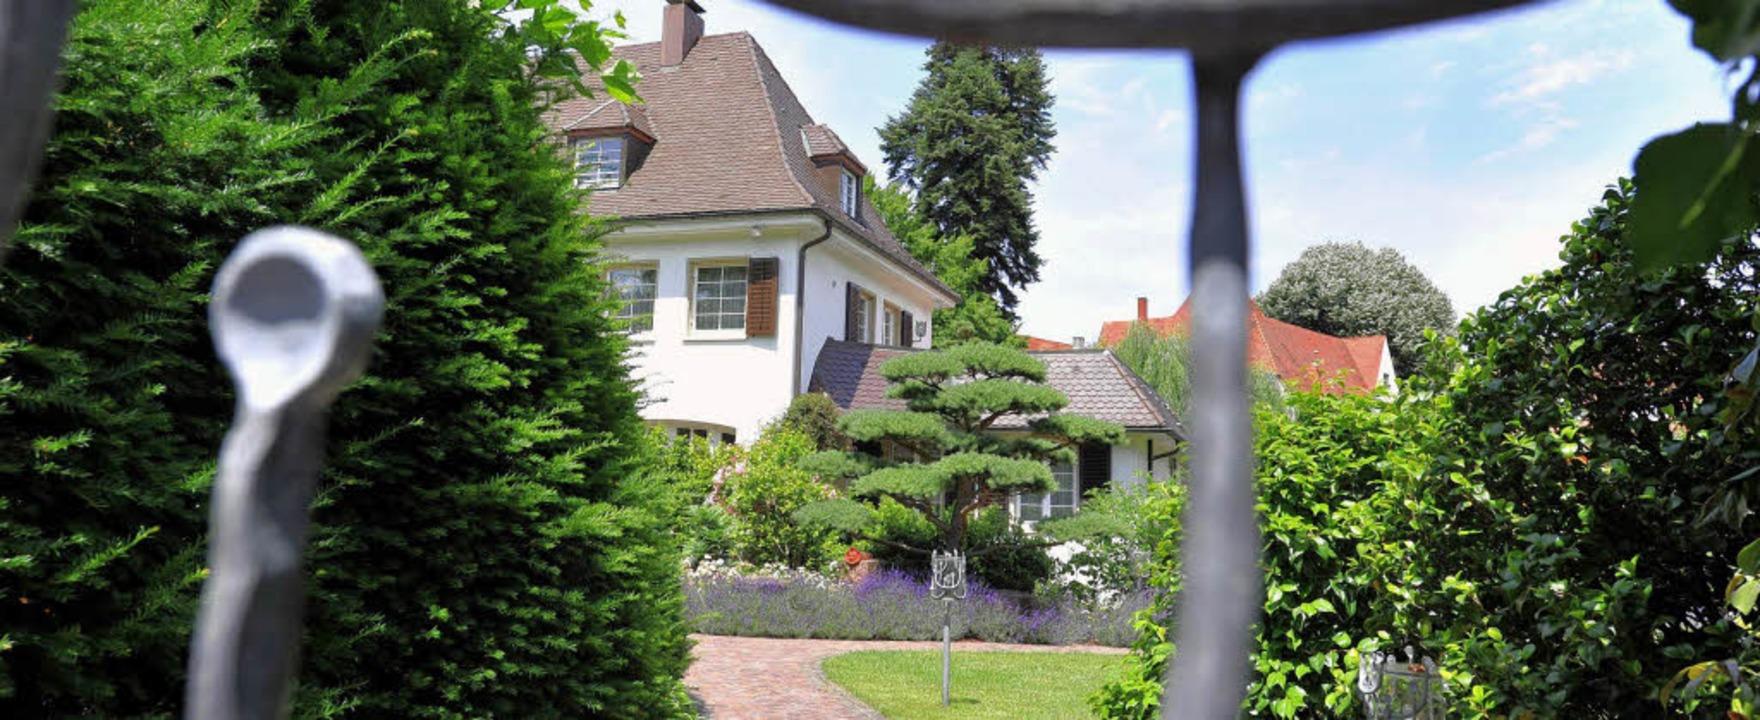 Durch den Zaun gesehen: Eine alte  Vil...ehre, deren Bestand  in Gefahr gerät.   | Foto: Rita Eggstein